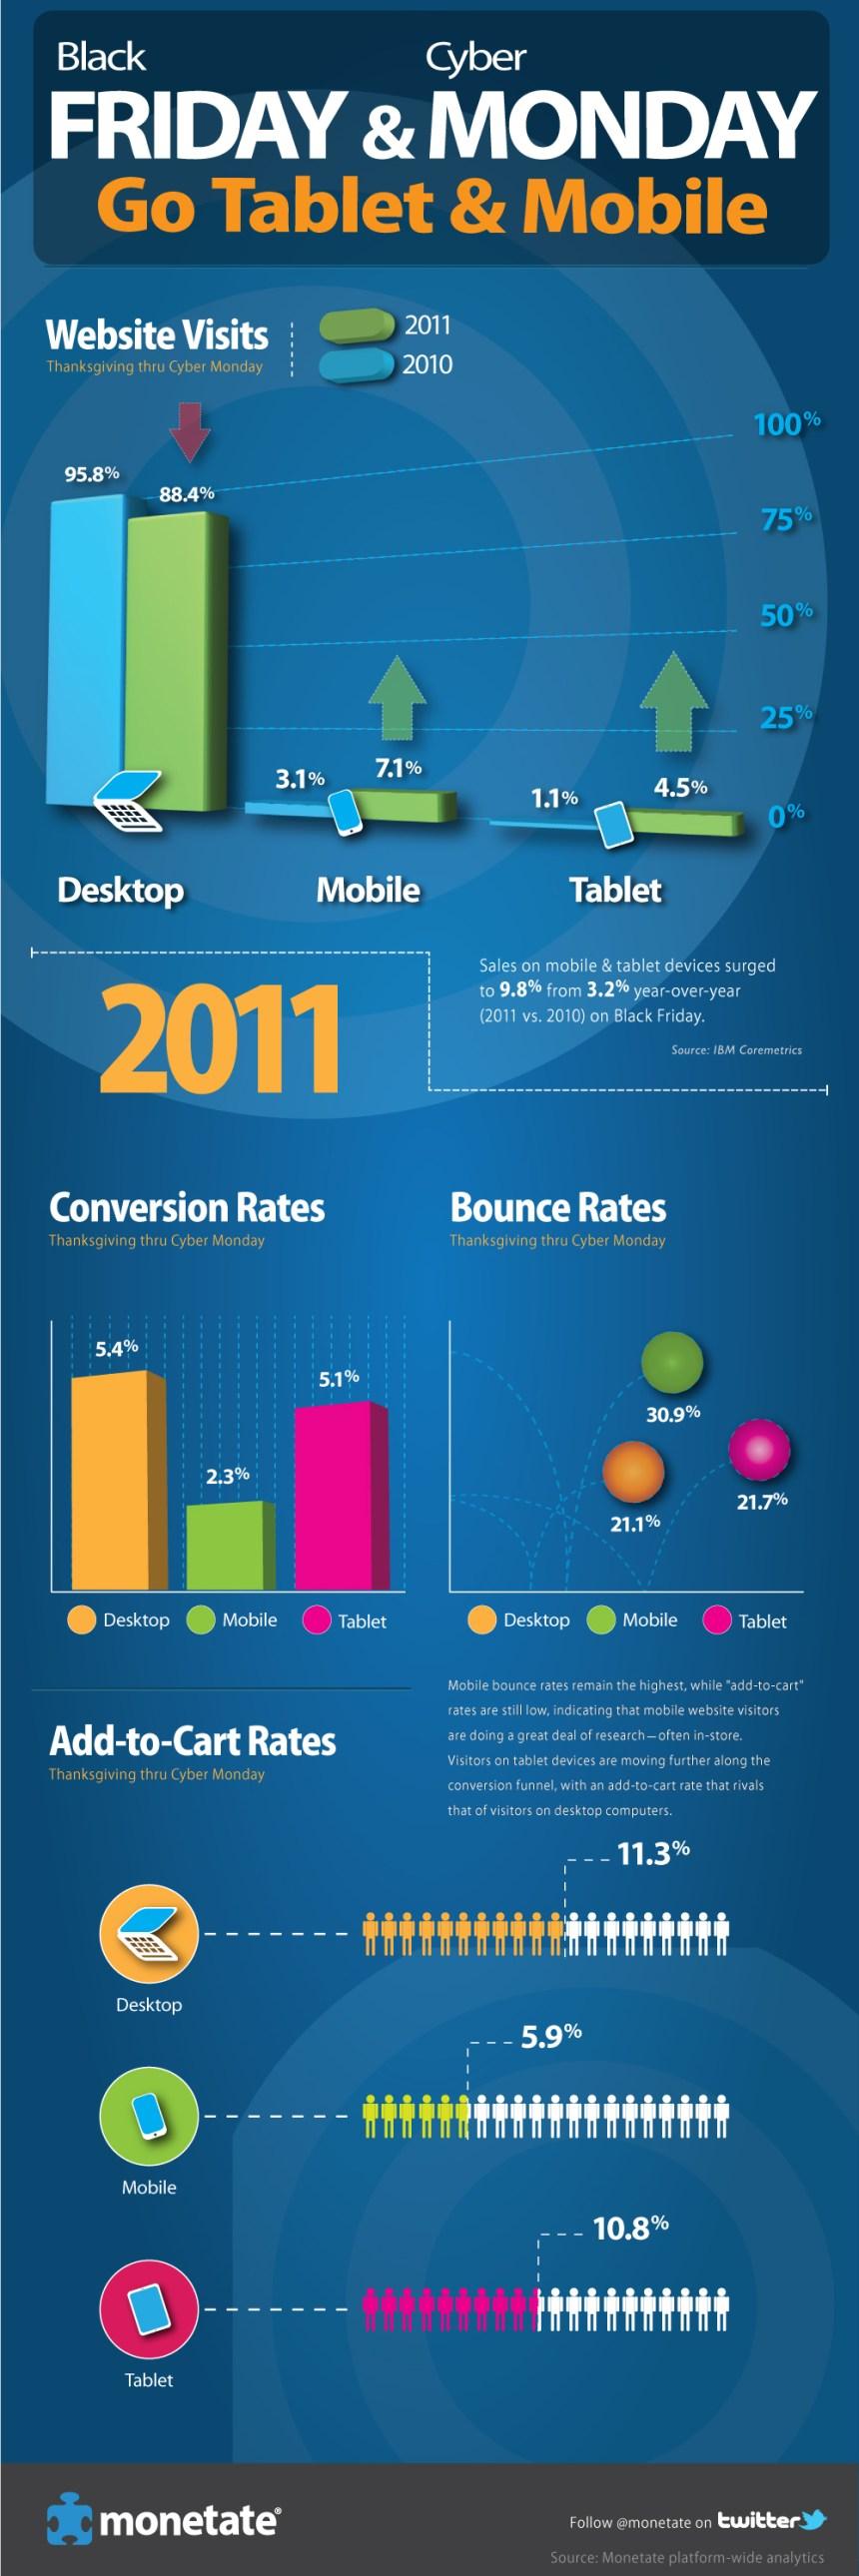 Incremento de las ventas móviles en Black Friday & Cyber Monday